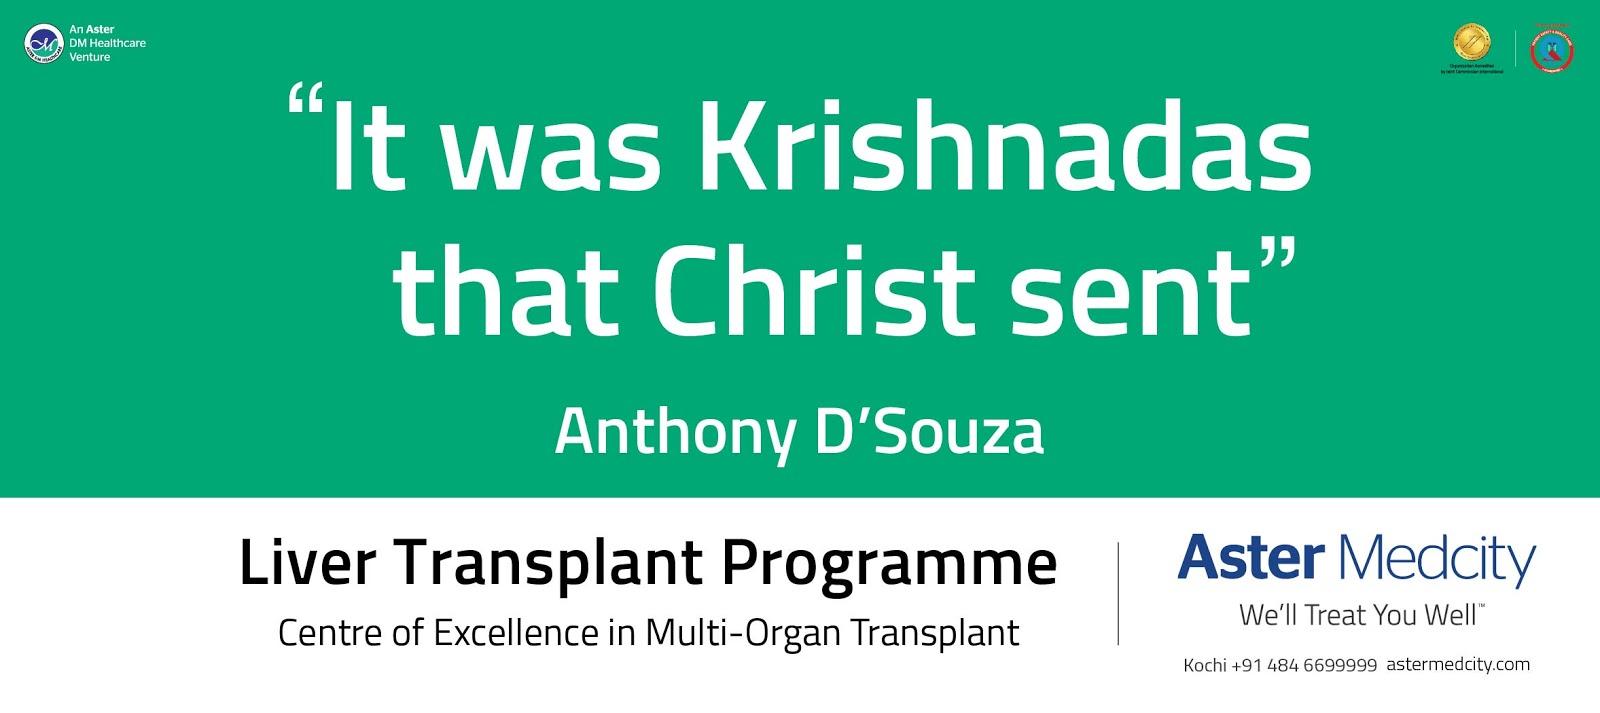 Aster Medcity - Multi Organ Transplant   Print mock-up 3   Stark Communications Pvt Ltd